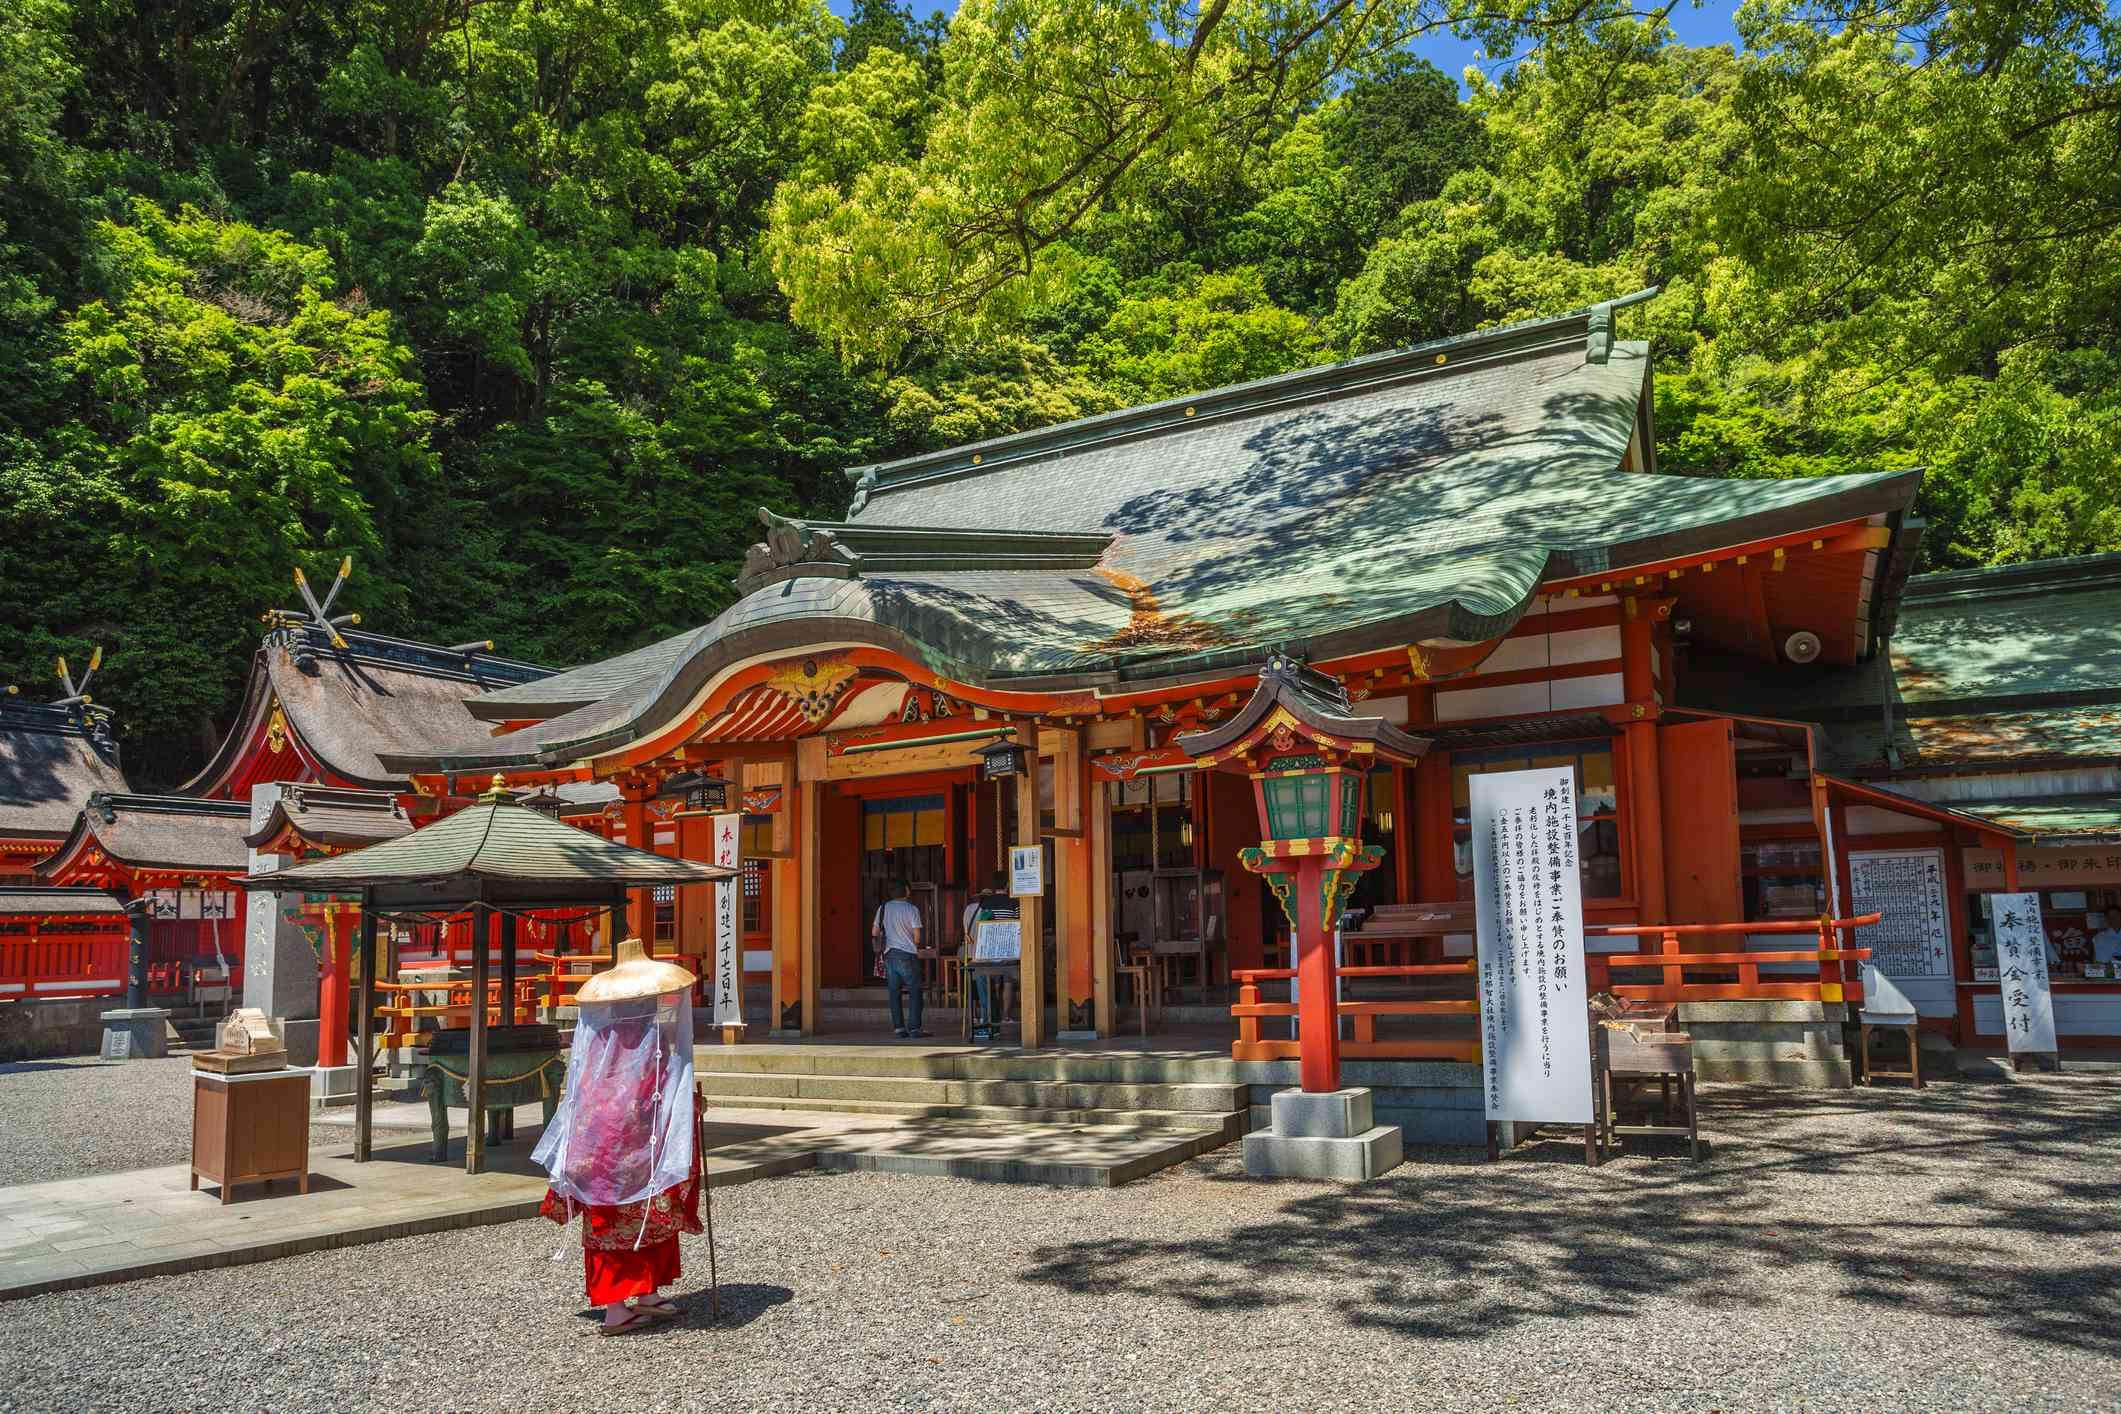 Kumano Kodo Shrines